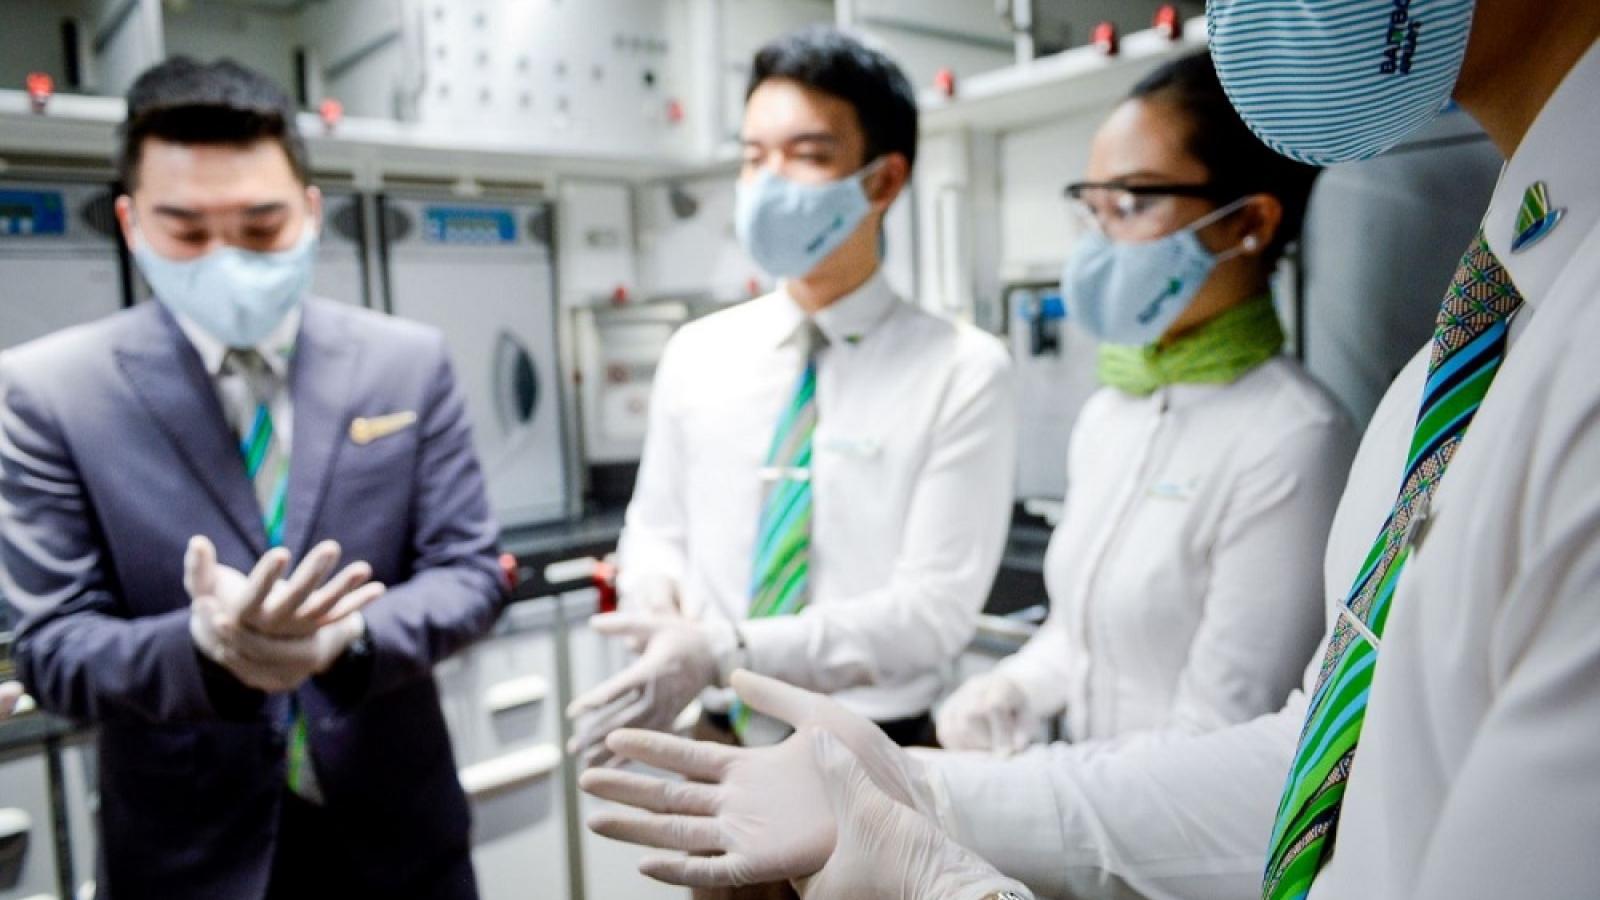 Bamboo Airways tăng cường các biện pháp toàn diện phòng dịch và hỗ trợ hành khách